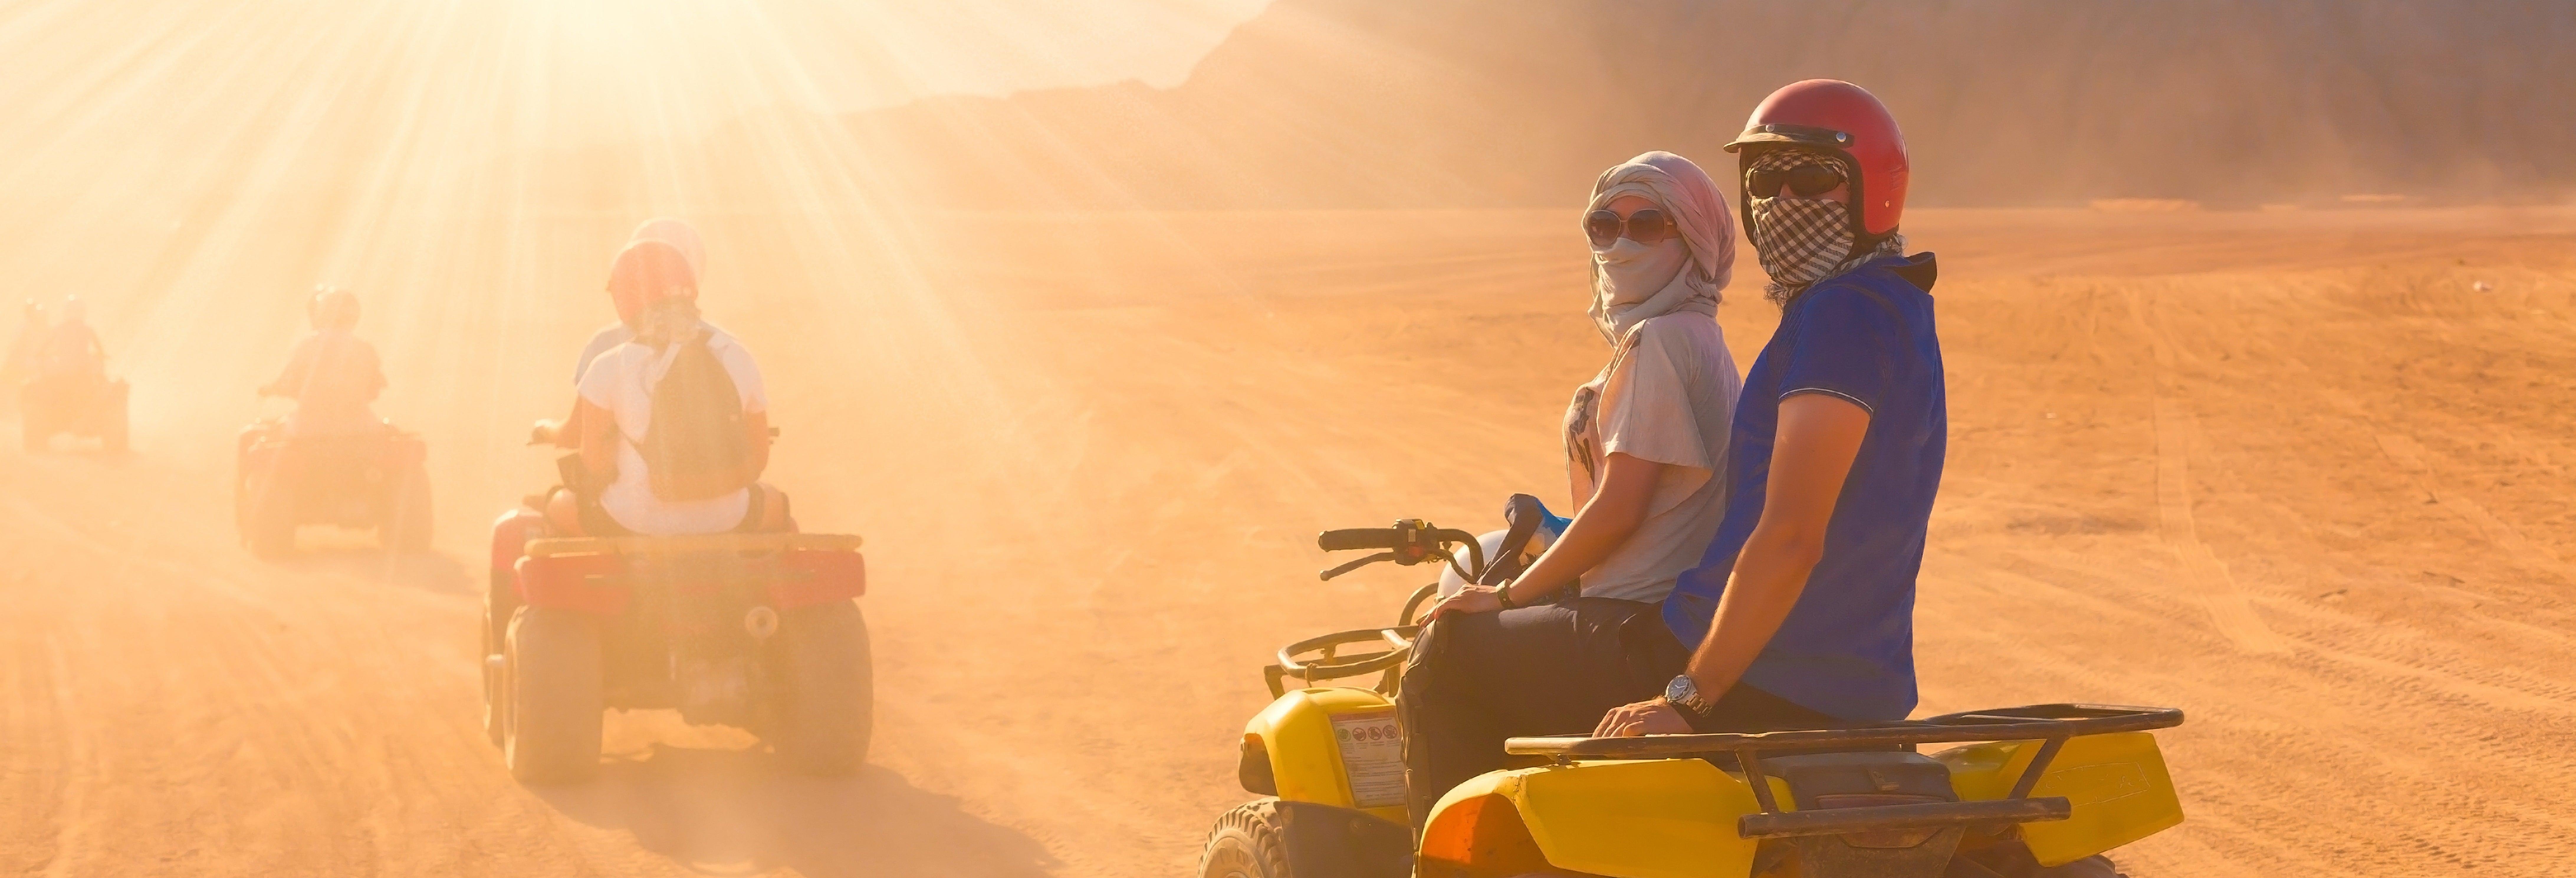 Tour de quadriciclo pelo deserto de Dubai